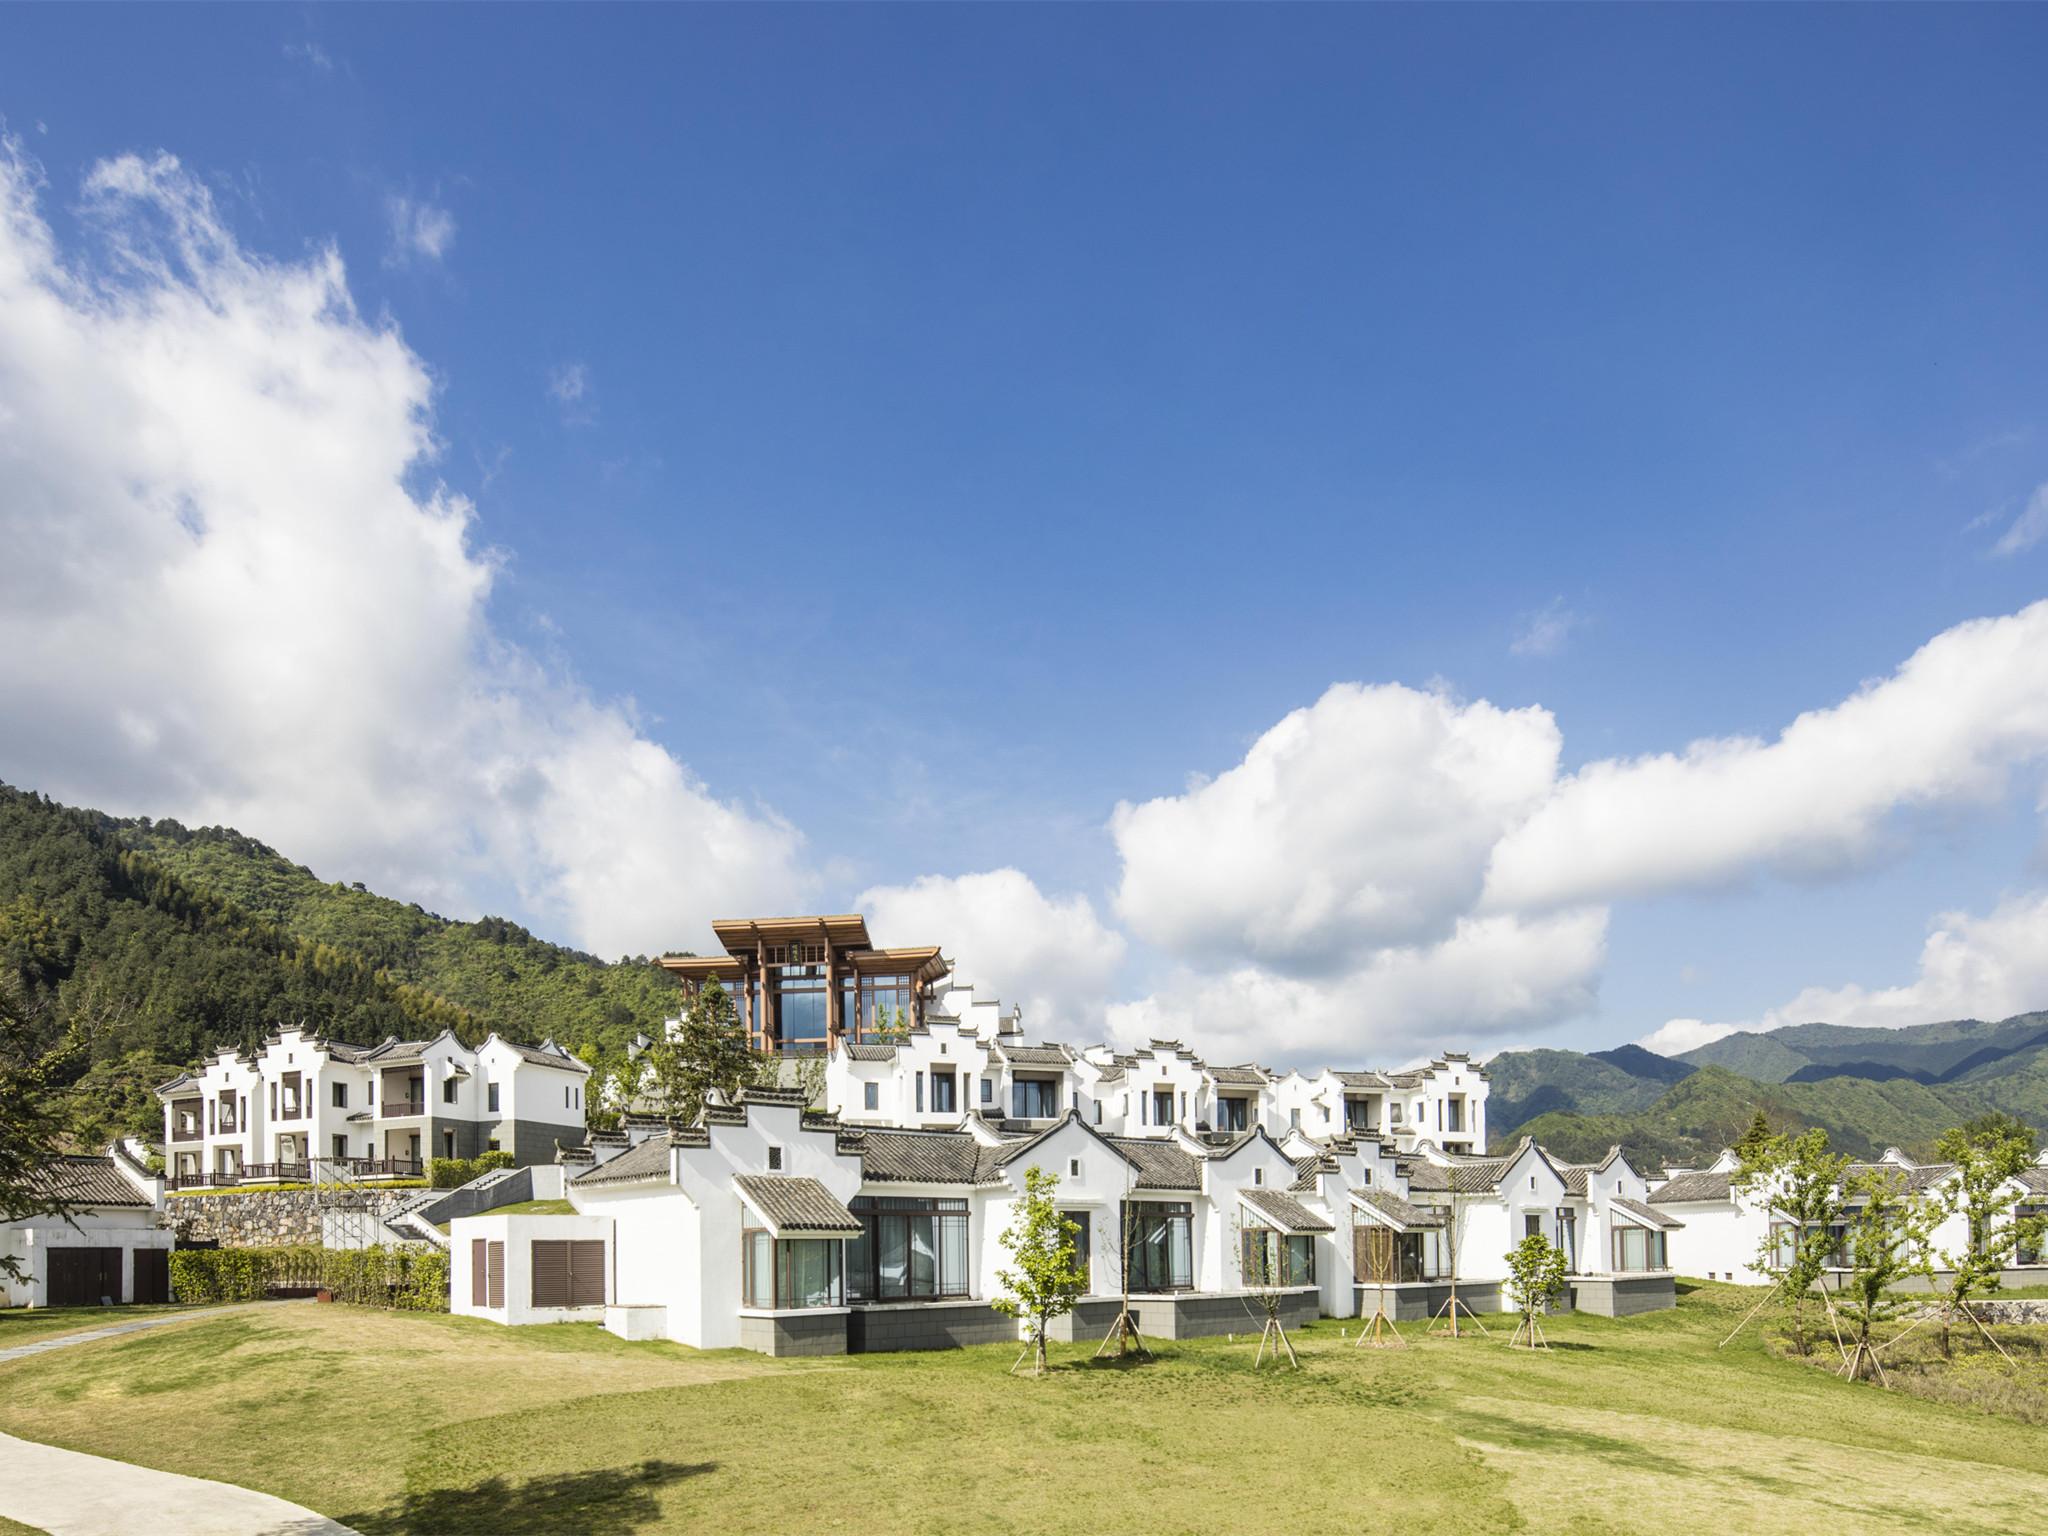 Hôtel - Banyan Tree Hungshan